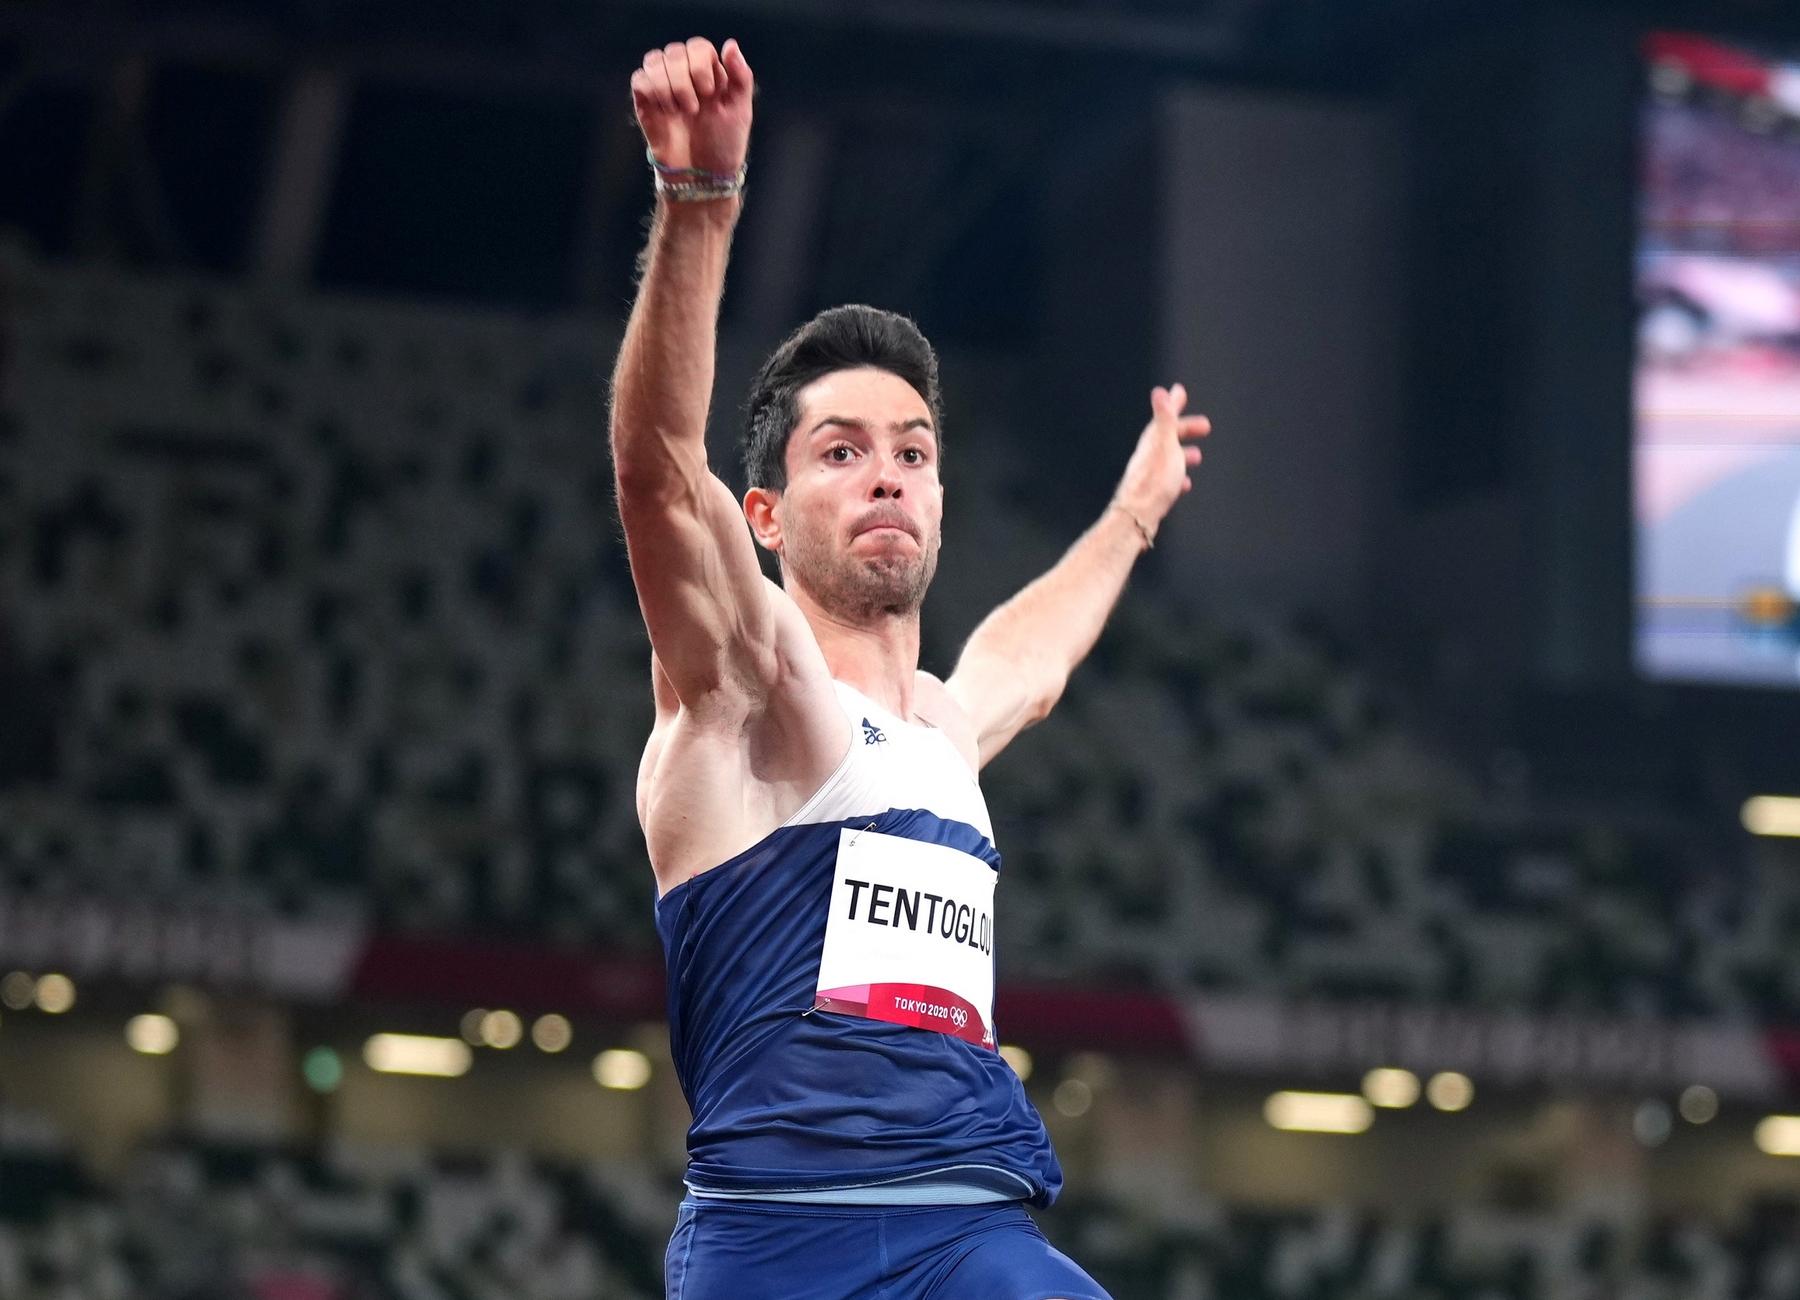 Ολυμπιακοί Αγώνες: Τι έκαναν οι Έλληνες αθλητές σήμερα (31/07)